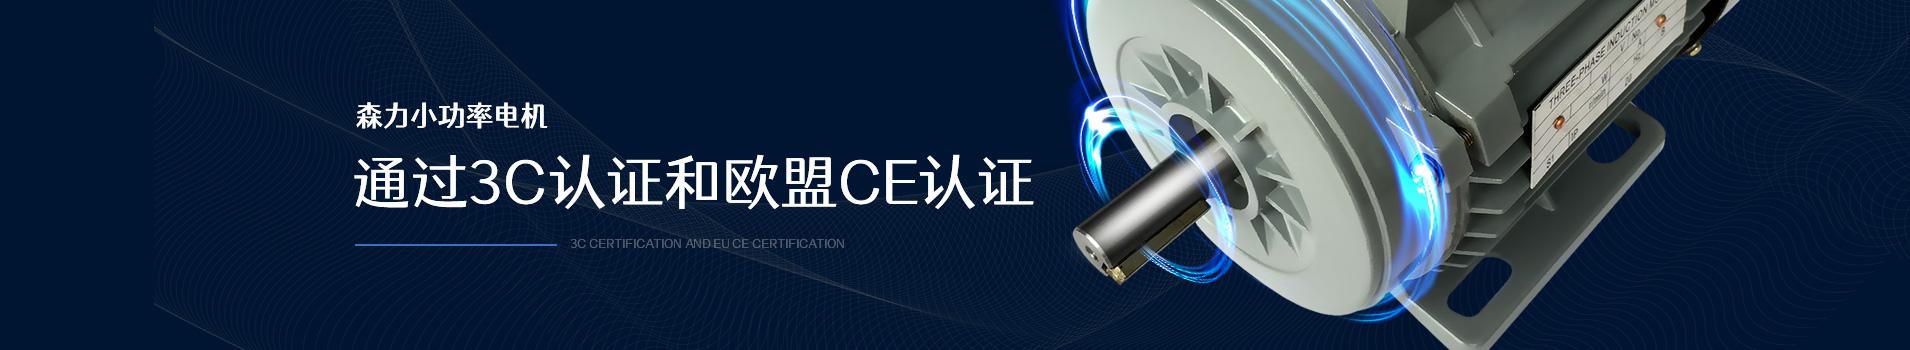 森力小功率电机通过3C认证